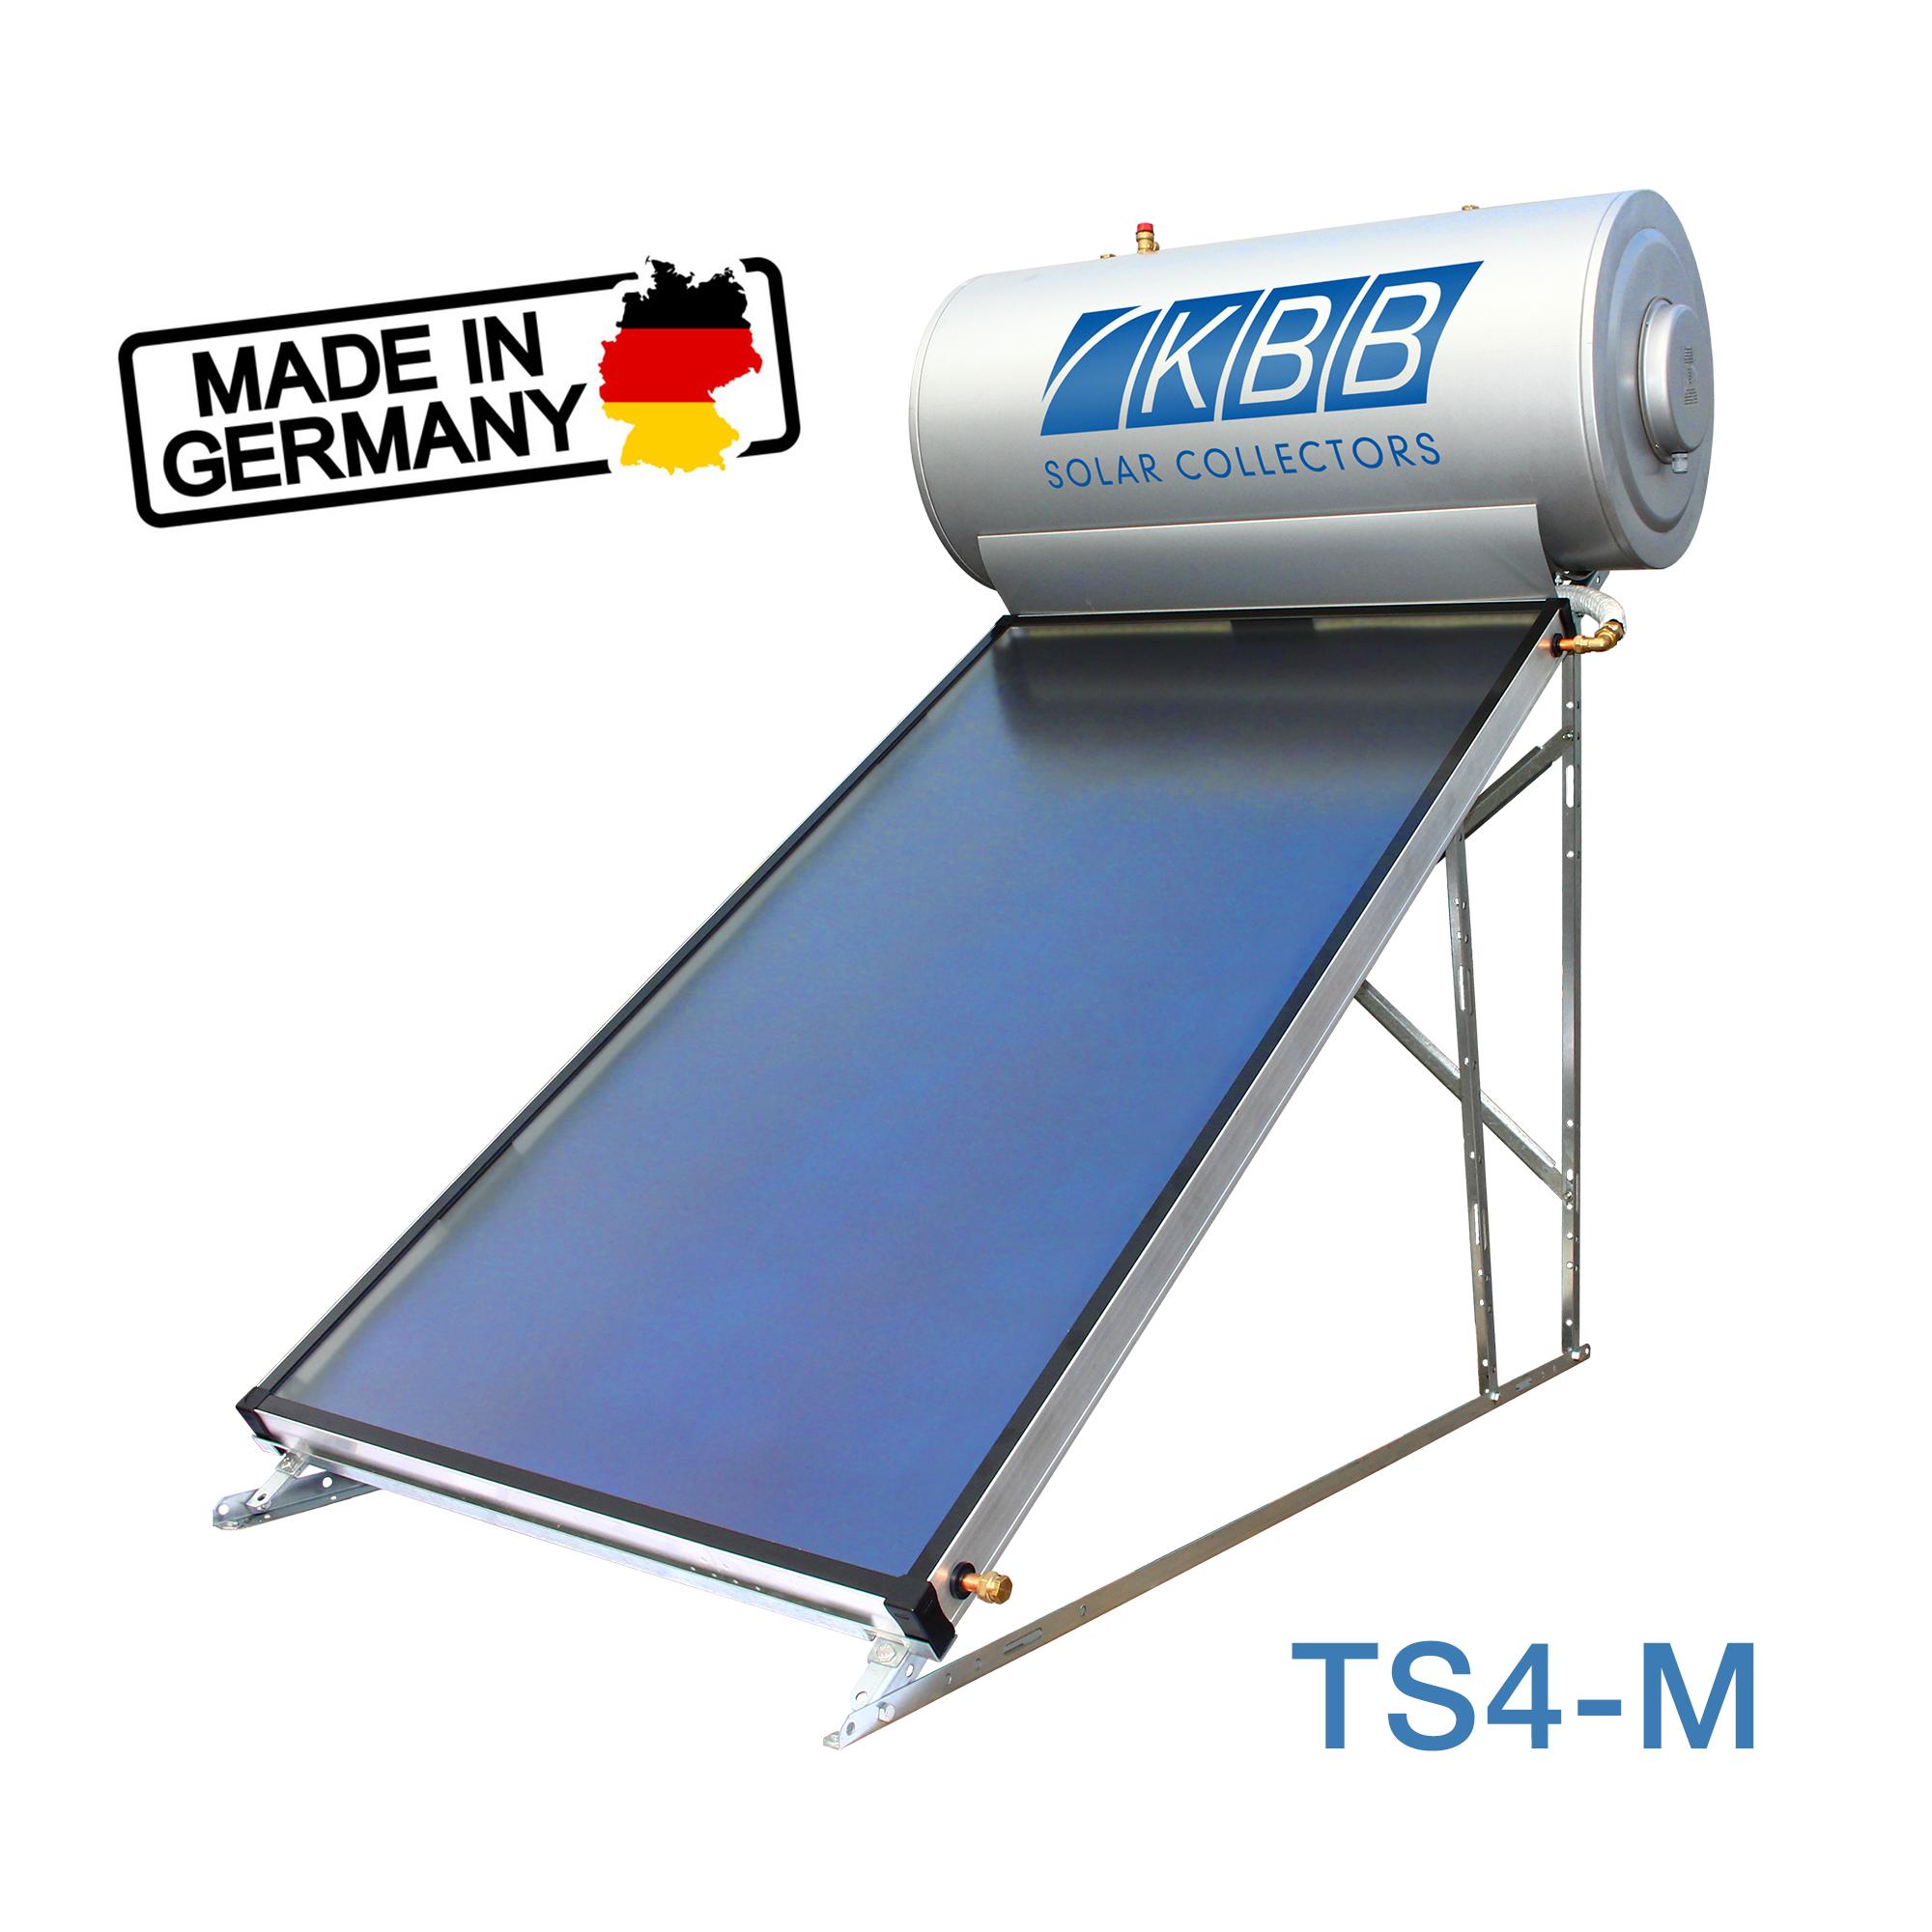 Термосифонна система нагрівання води KBB TS4-M 150 літрів